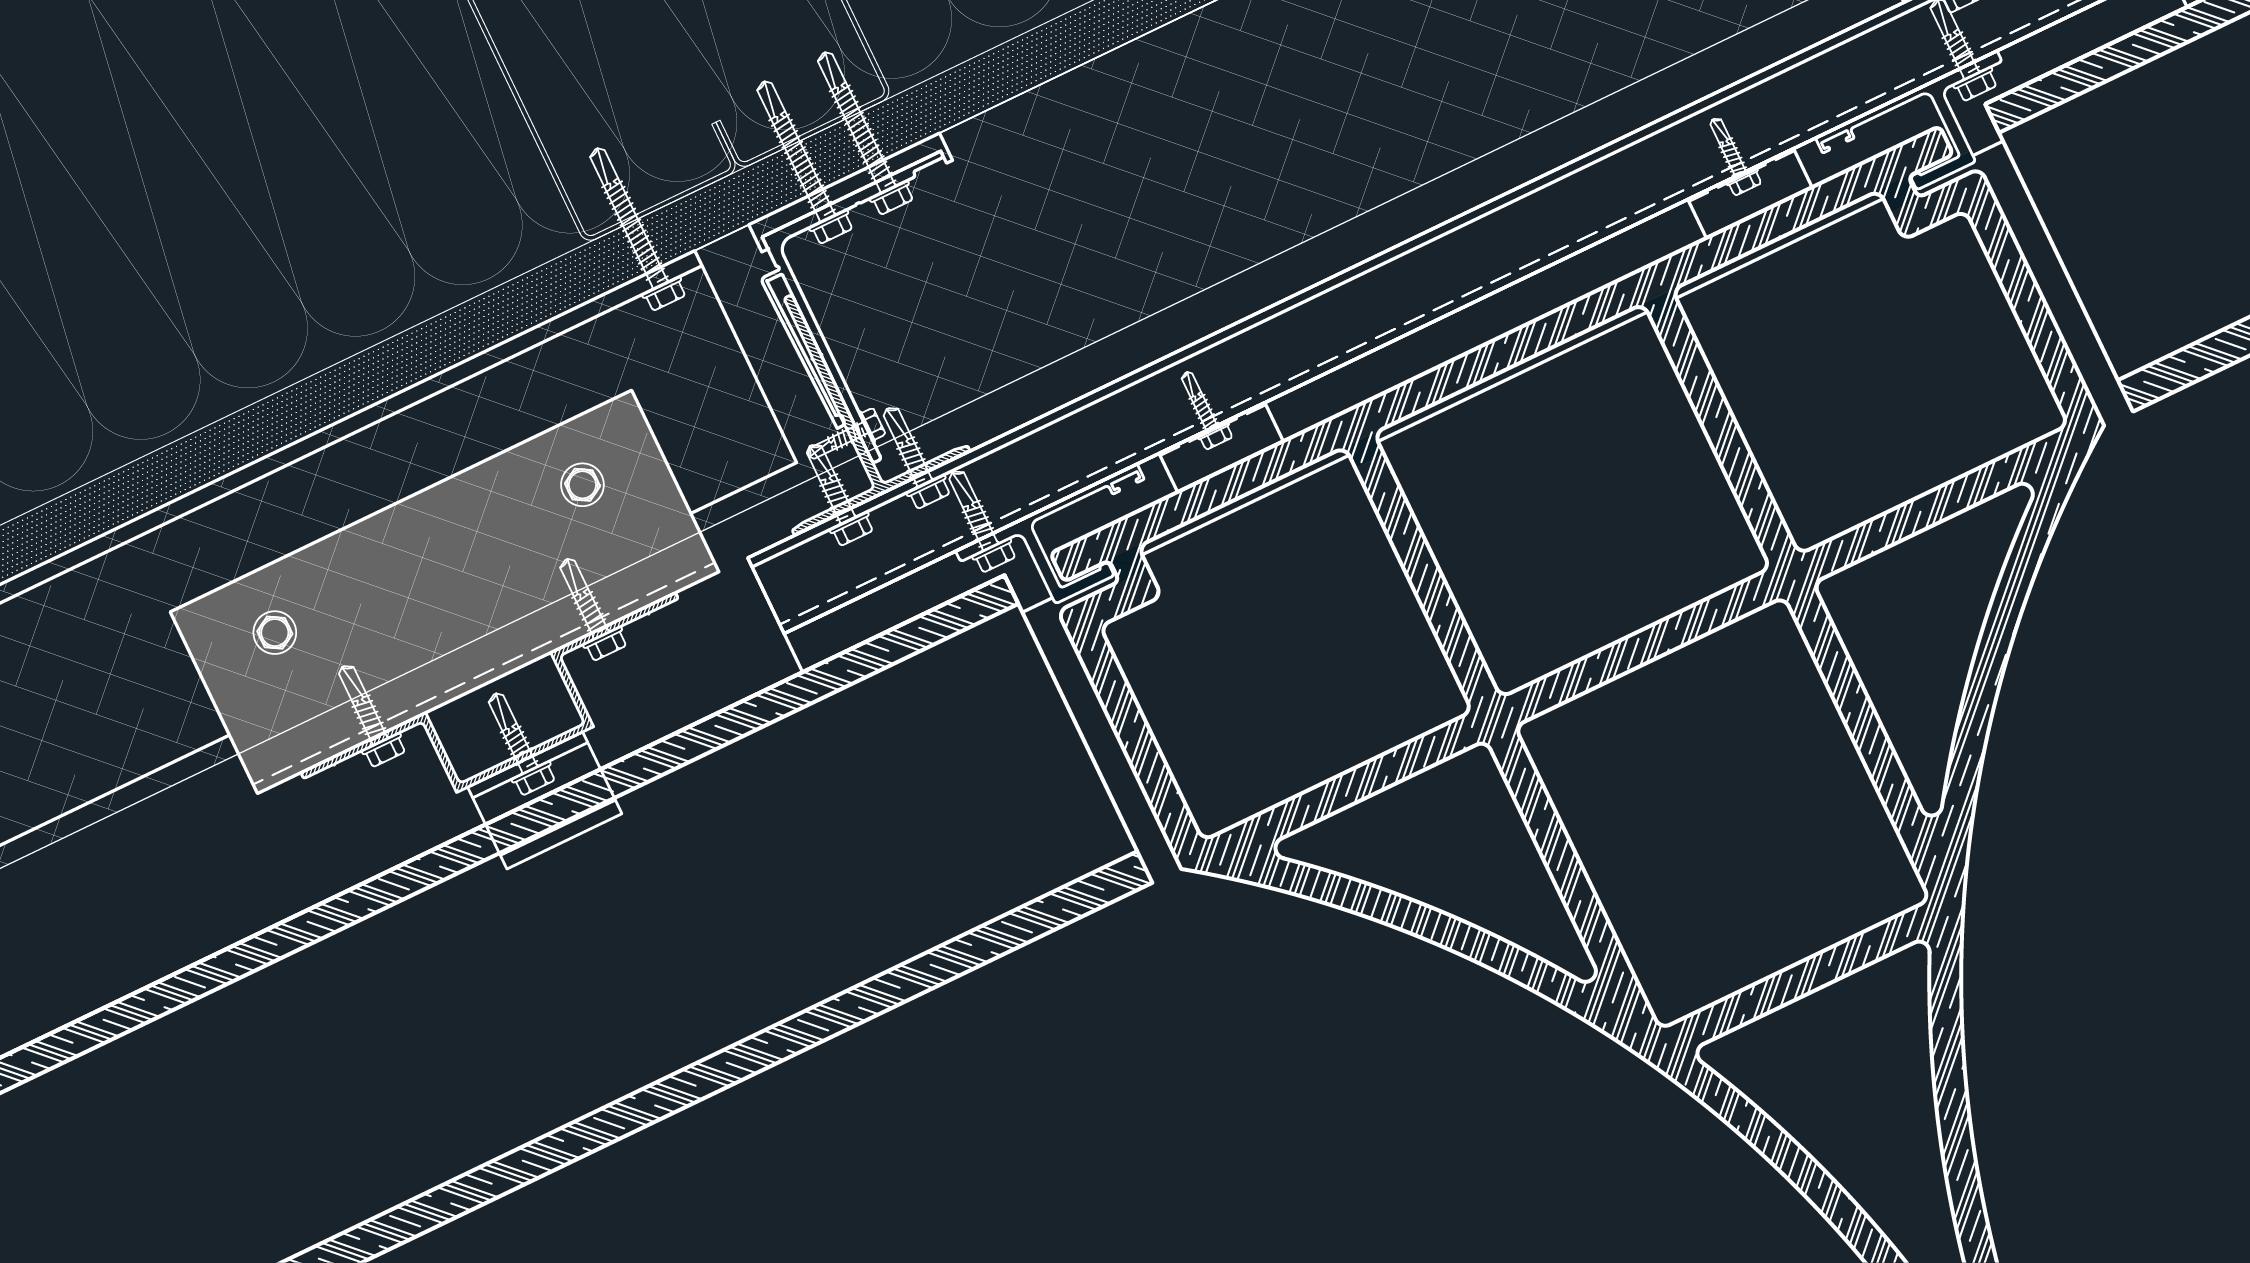 QV7 facades